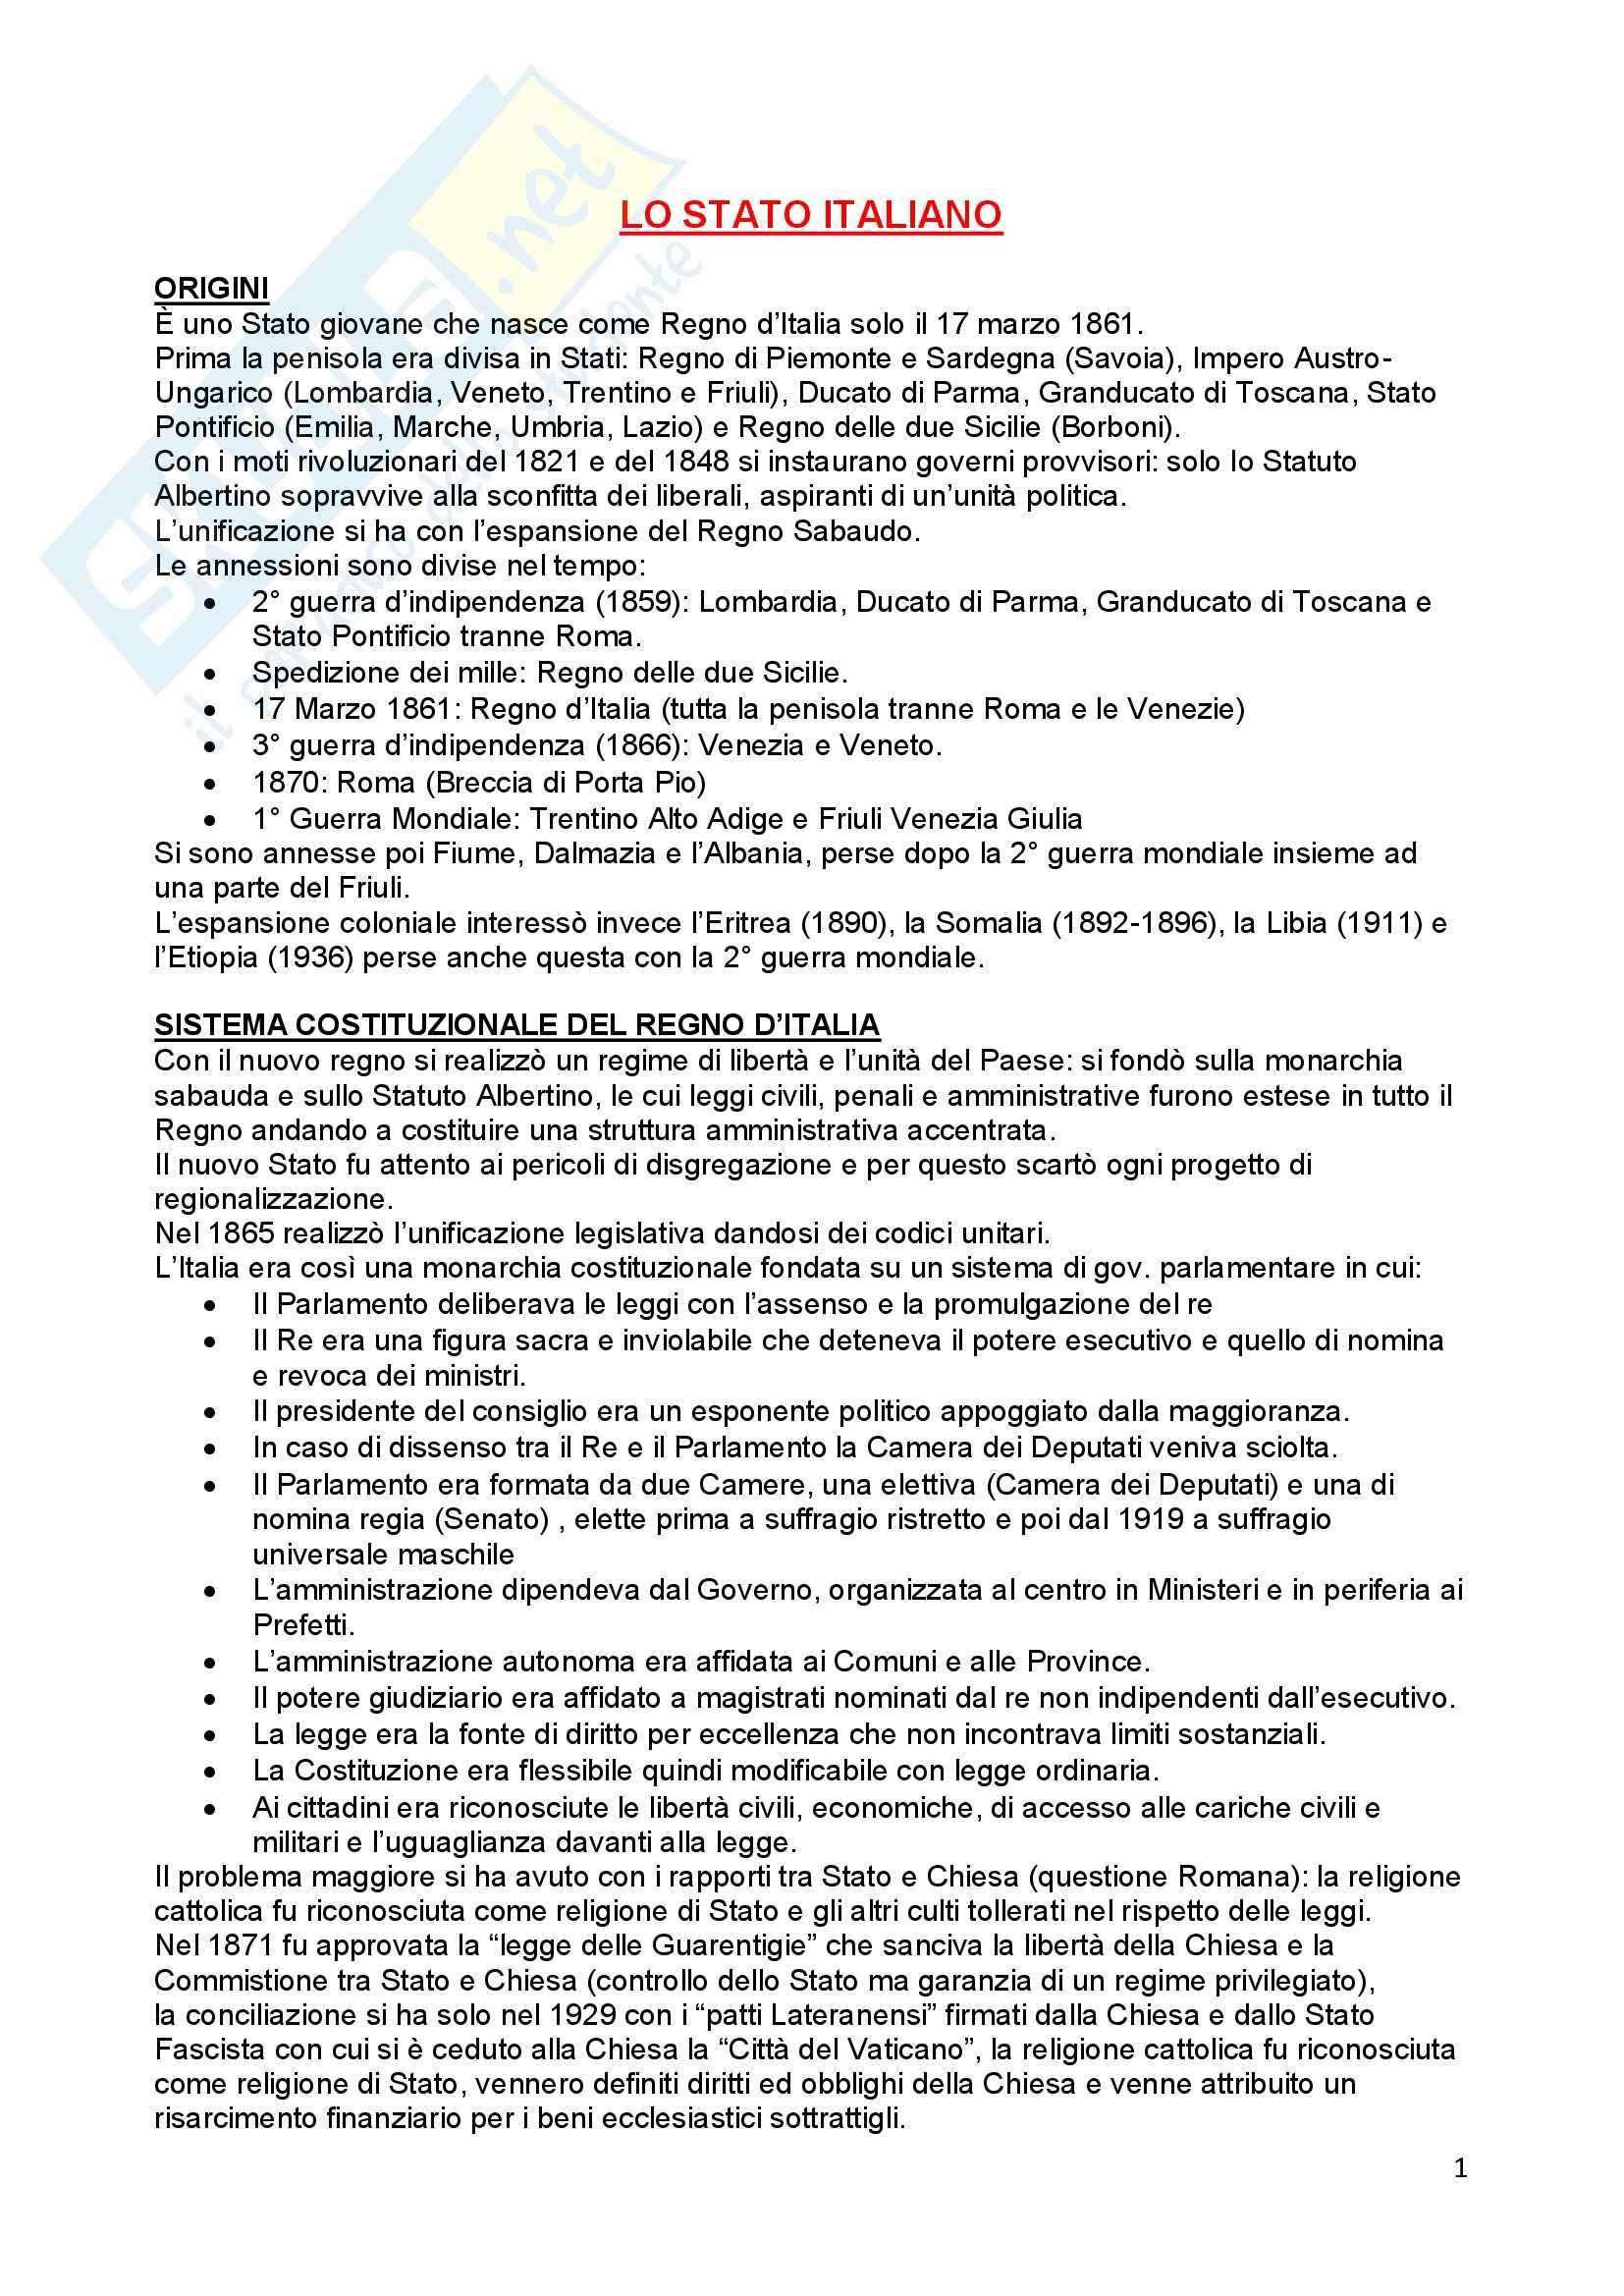 Riassunto esame Diritto Costituzionale, prof. Ferri, libro consigliato Compendio di Diritto Costituzionale,Onida e Pedrazza Gorlero